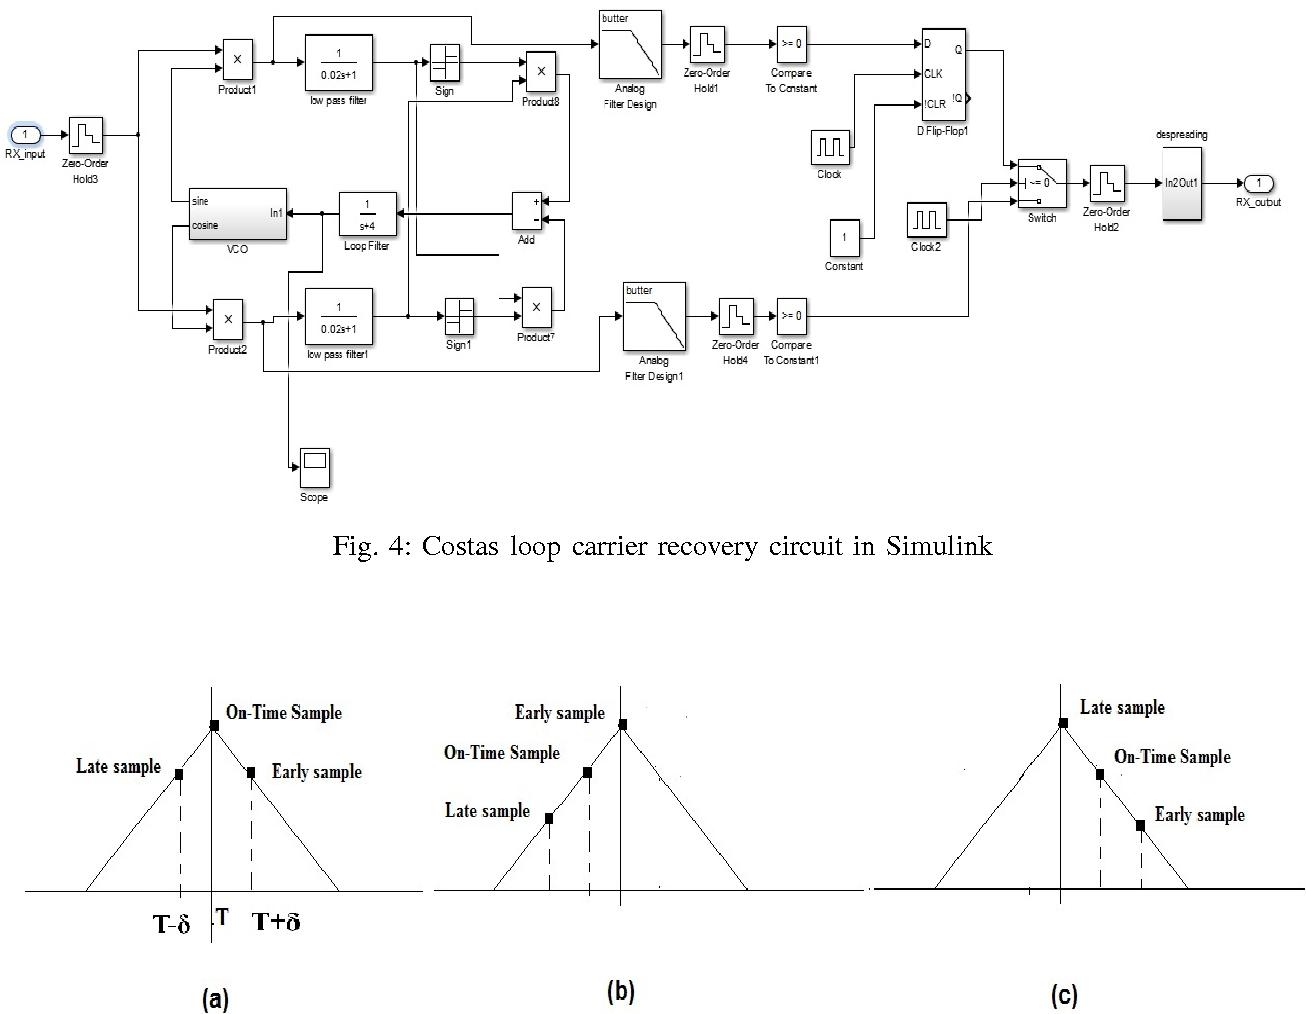 4: Costas loop carrier recovery circuit in Simulink